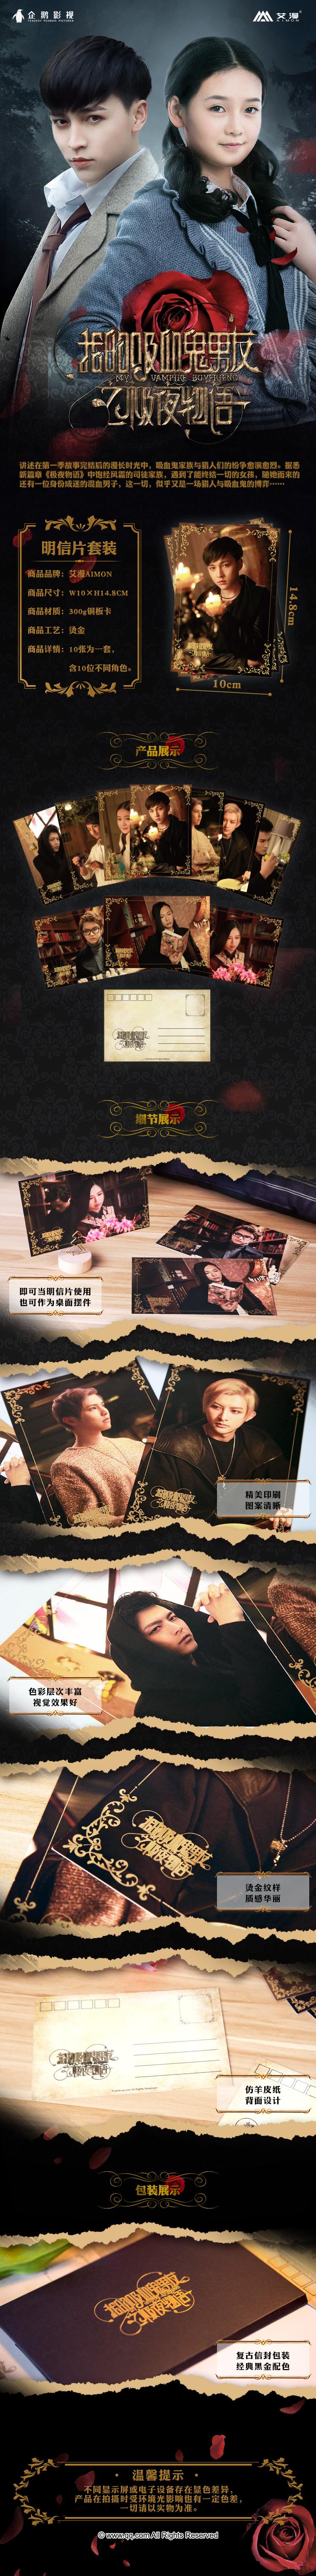 1500027970153我的吸血鬼男友条图-明信片.jpg